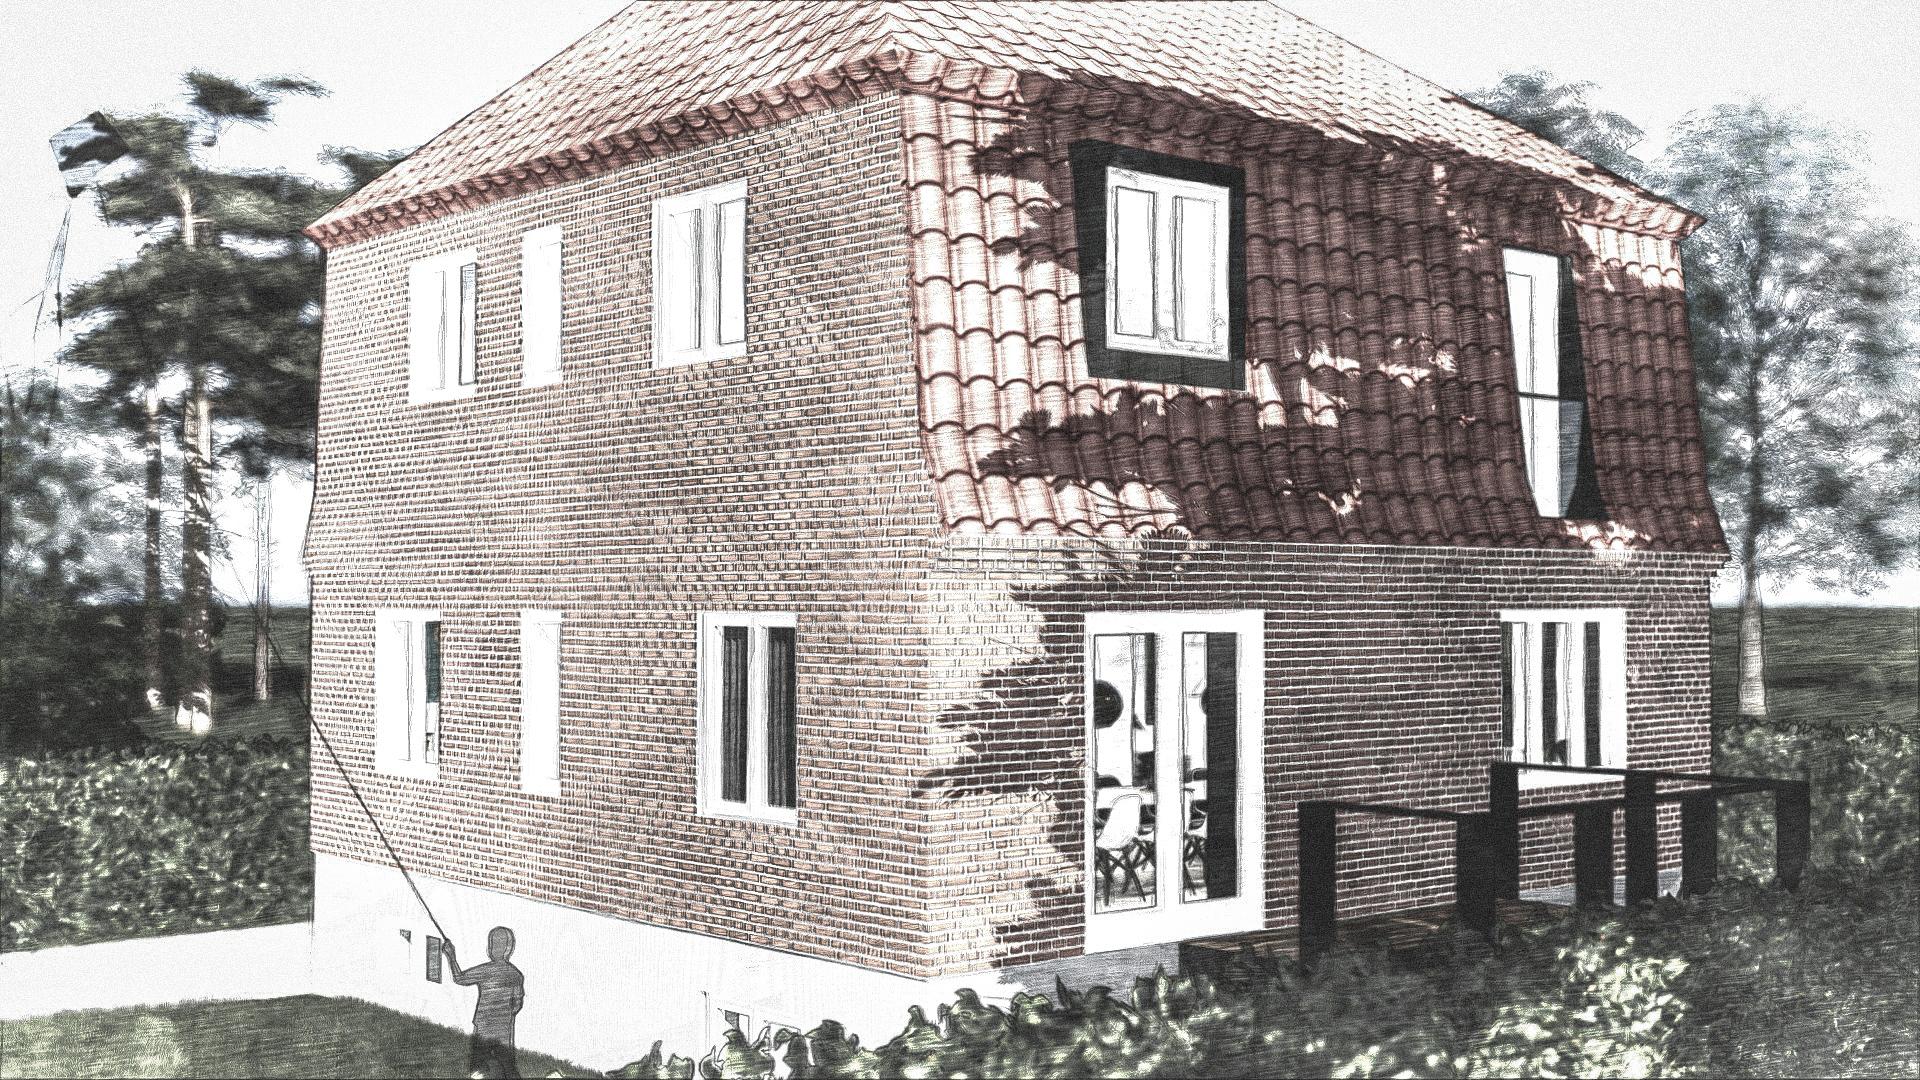 Billede af Dansk arkitekttegnet 2 plan villa af arkitektfirmaet m2plus, i Vanløse på 150 kvartratmeter.